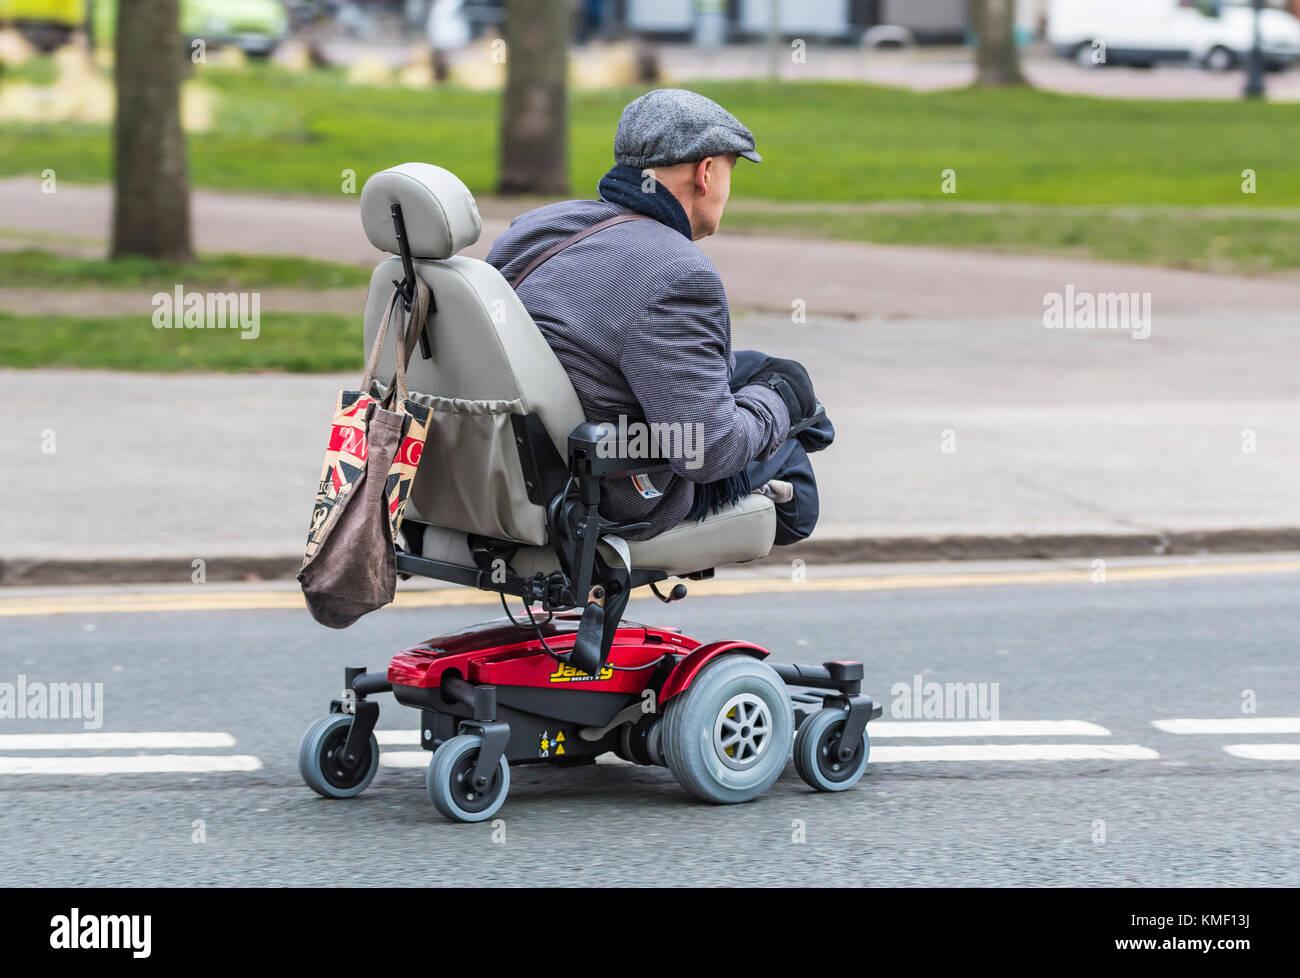 Doble amputado hombre sin piernas viajando en un scooter de movilidad en una carretera en el Reino Unido. Imagen De Stock